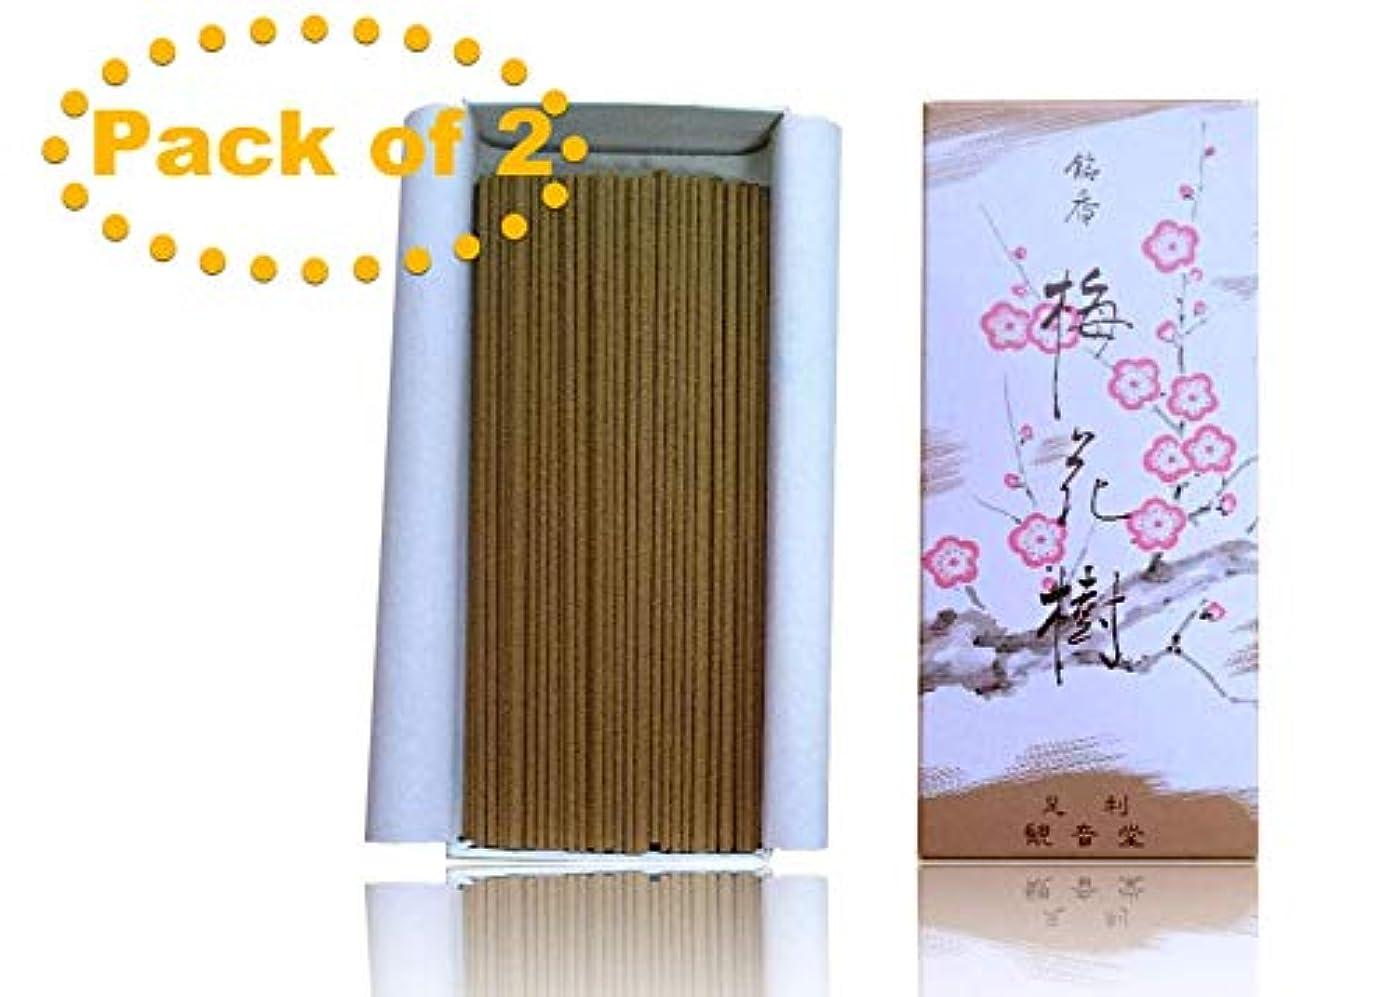 メンバー絵指令SHOYEIDO 梅の花 Baika-ju 2個セット スティック300本。